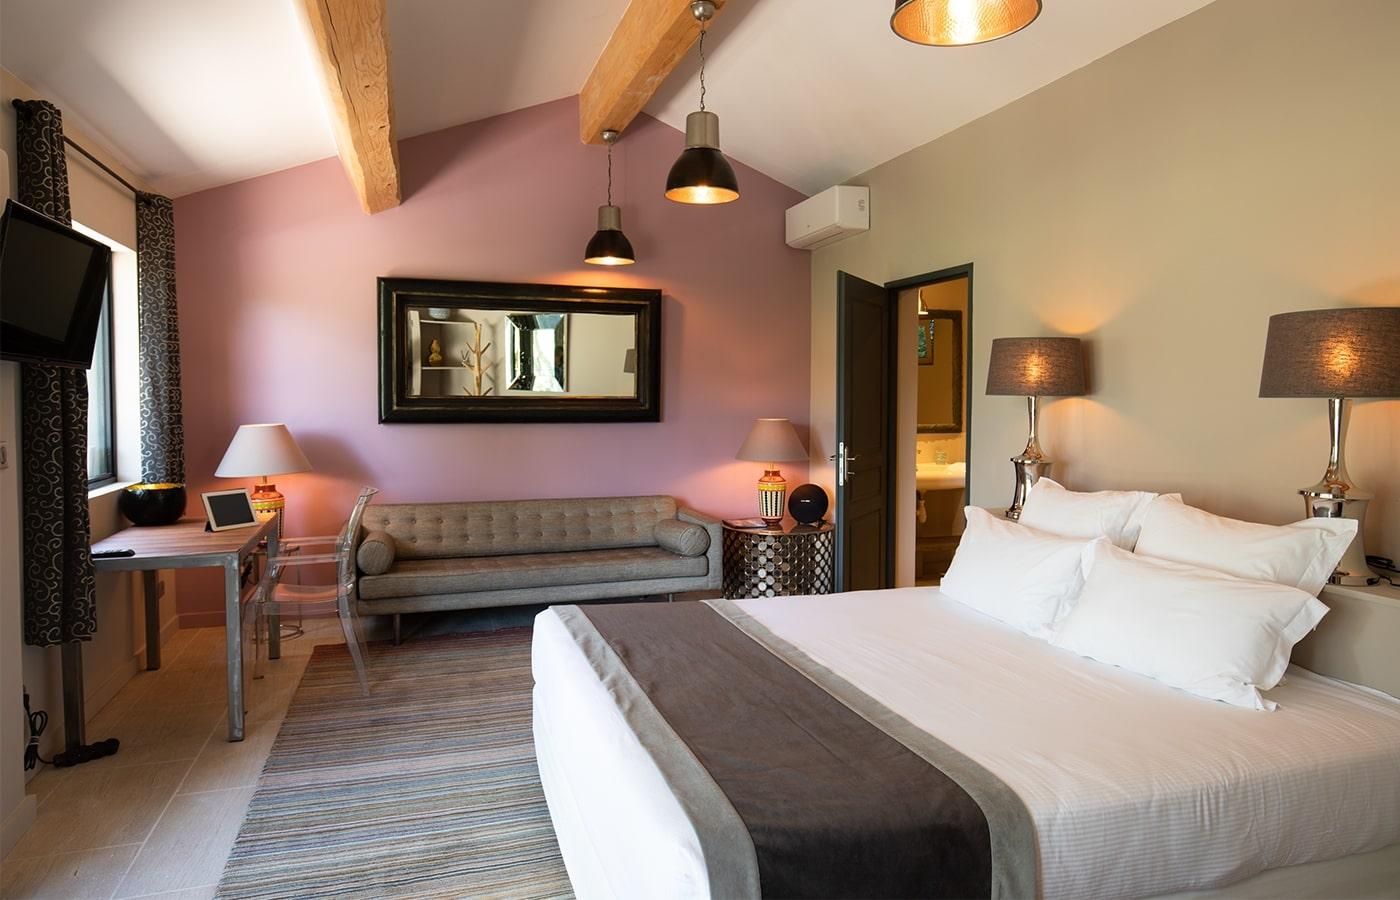 La Maison de Crillon - Hotel de charme - Mont Ventoux